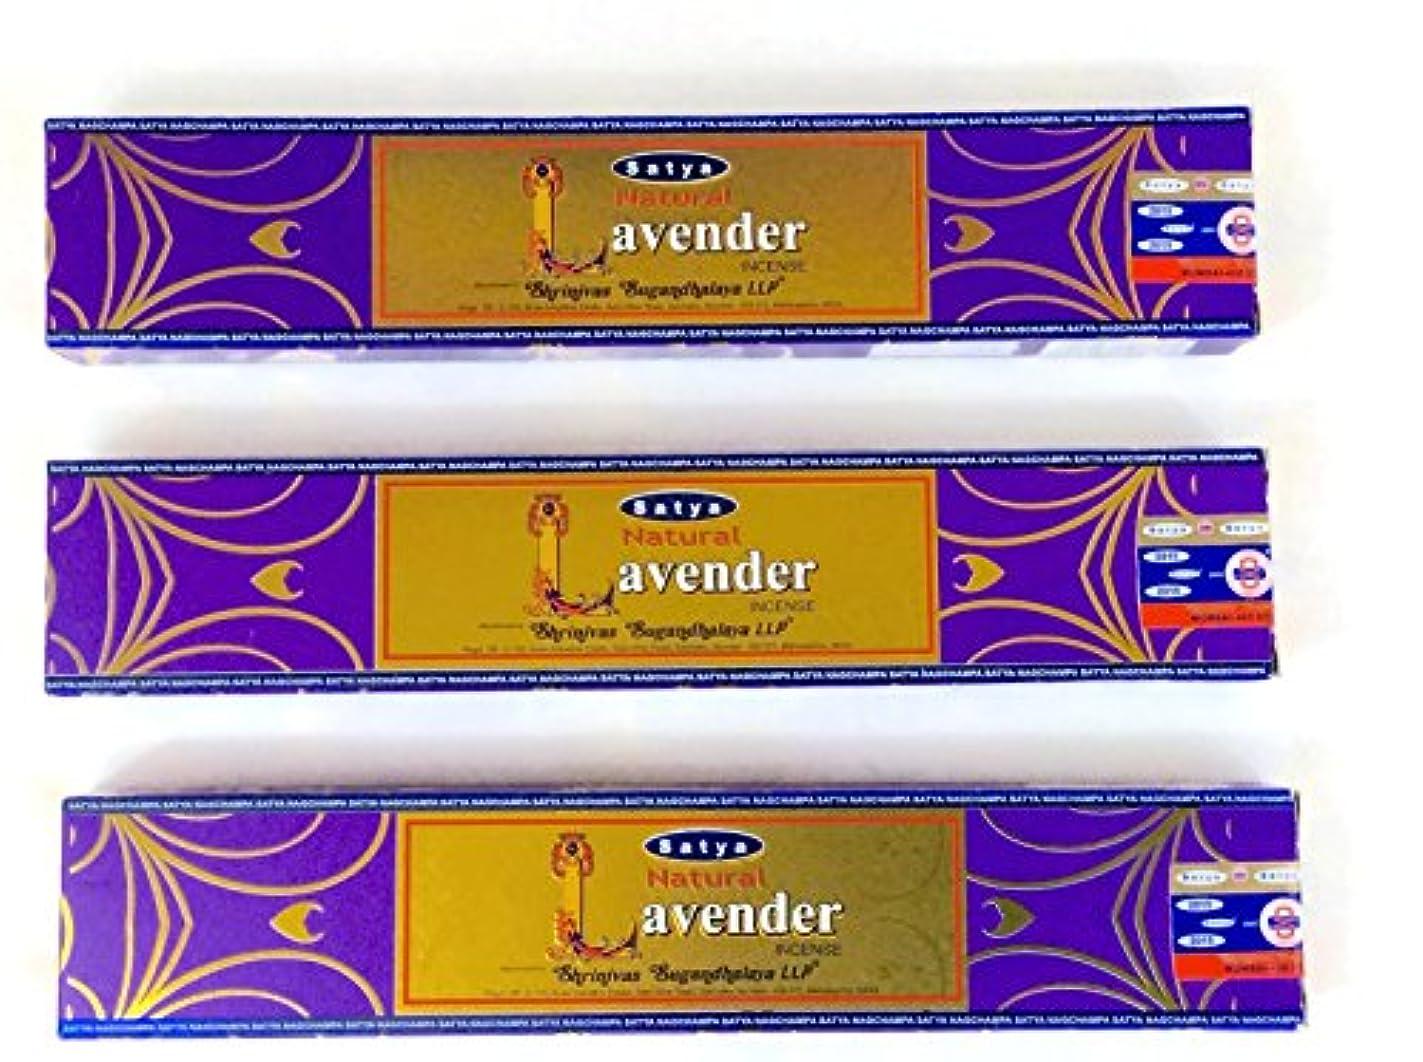 それぞれ賞賛遠征天然ラベンダーIncense Lot of 3パック。インドでハンドメイド